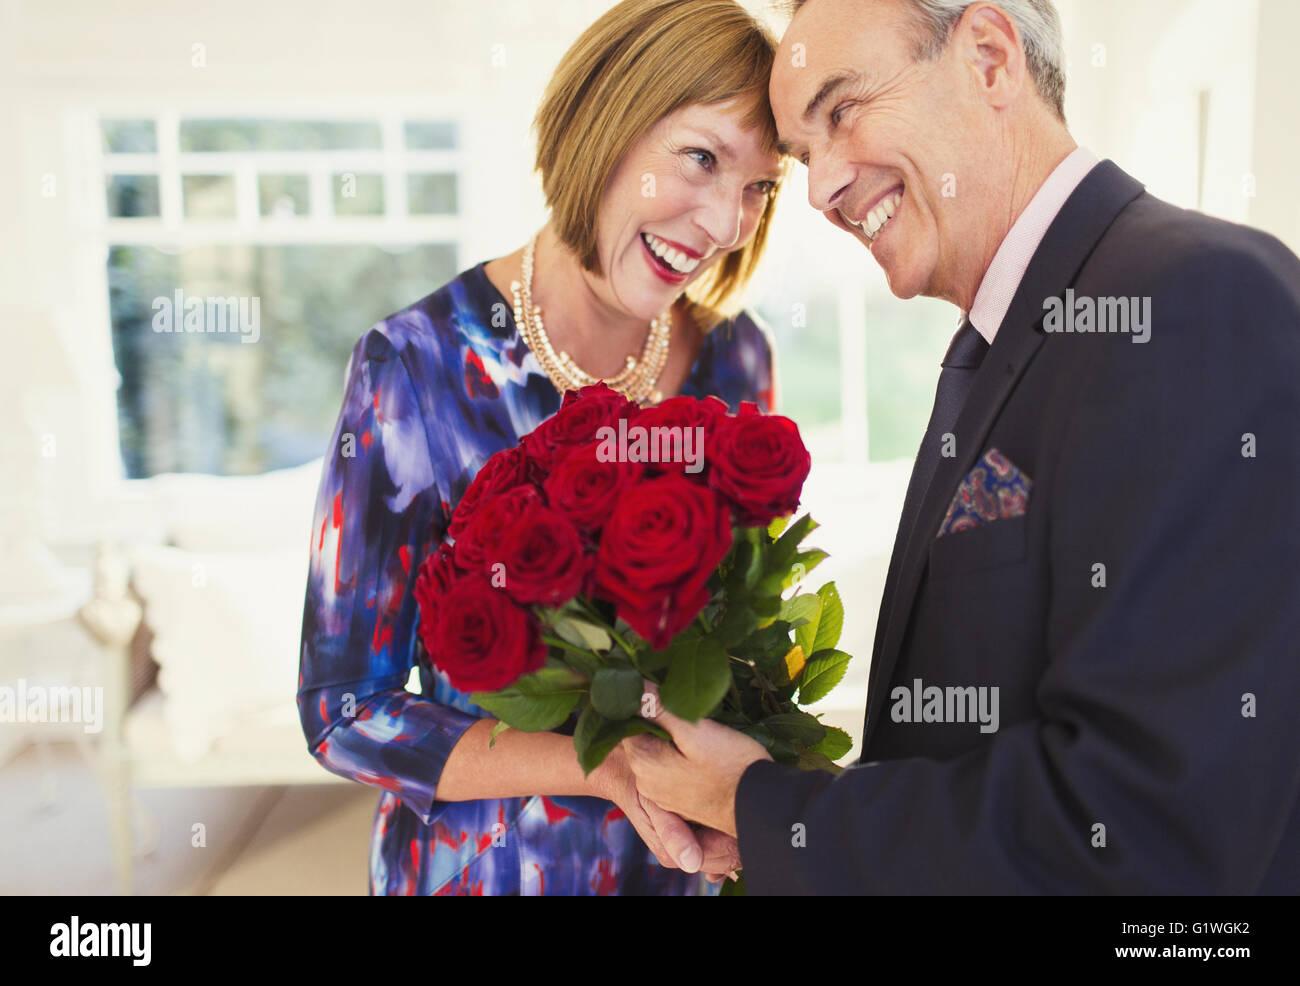 Bien vestida afectuosa pareja con rosa bouquet Imagen De Stock